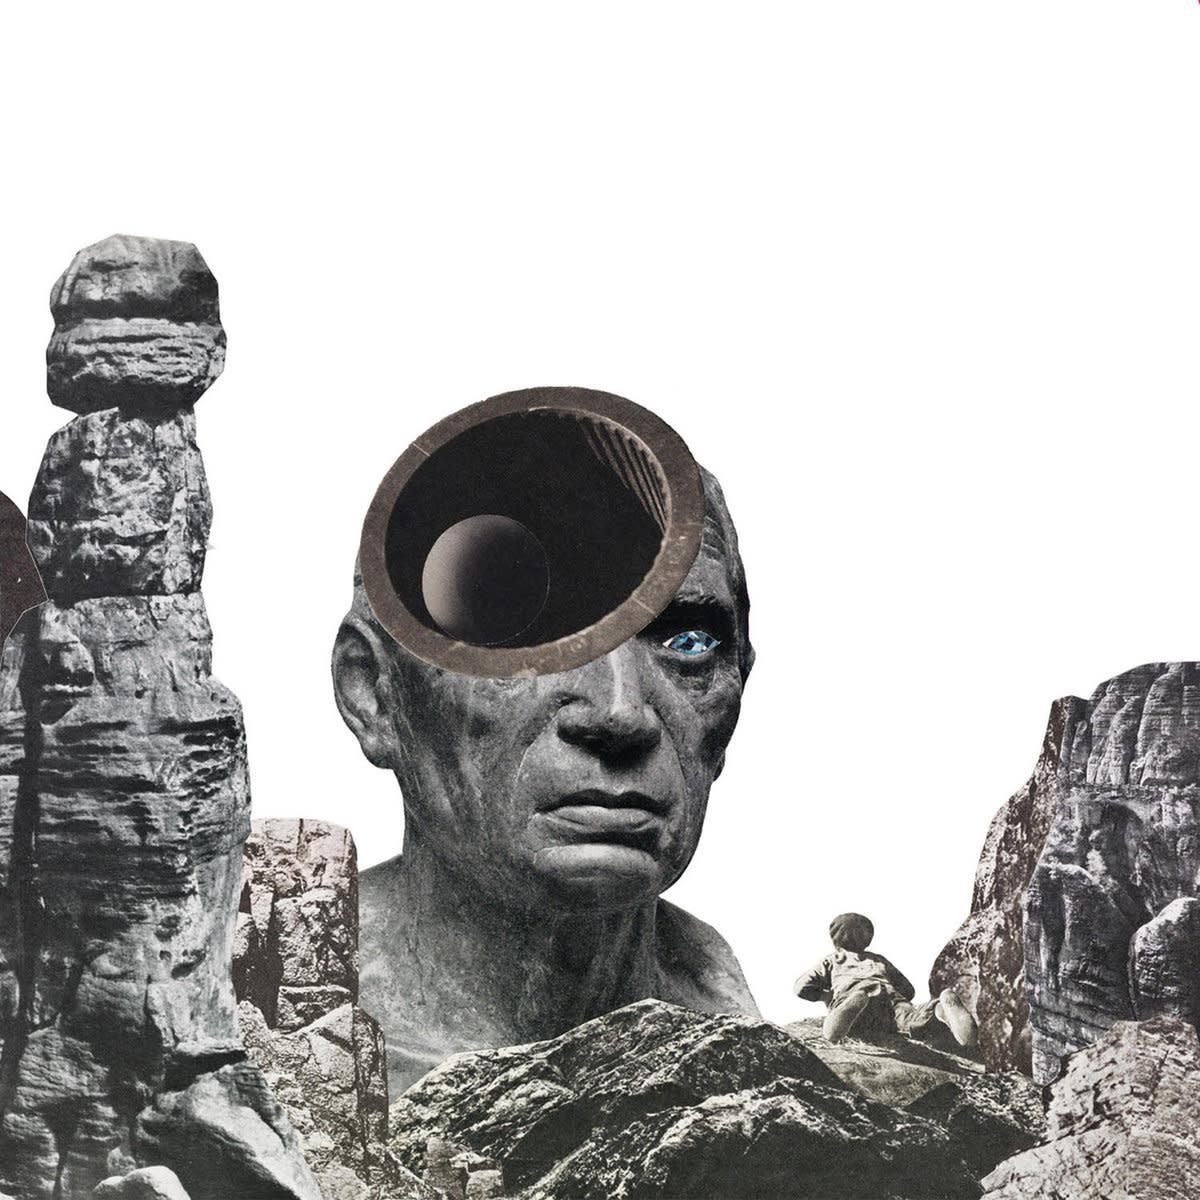 Guruguru Brain Kikagaku Moyo - Stone Garden